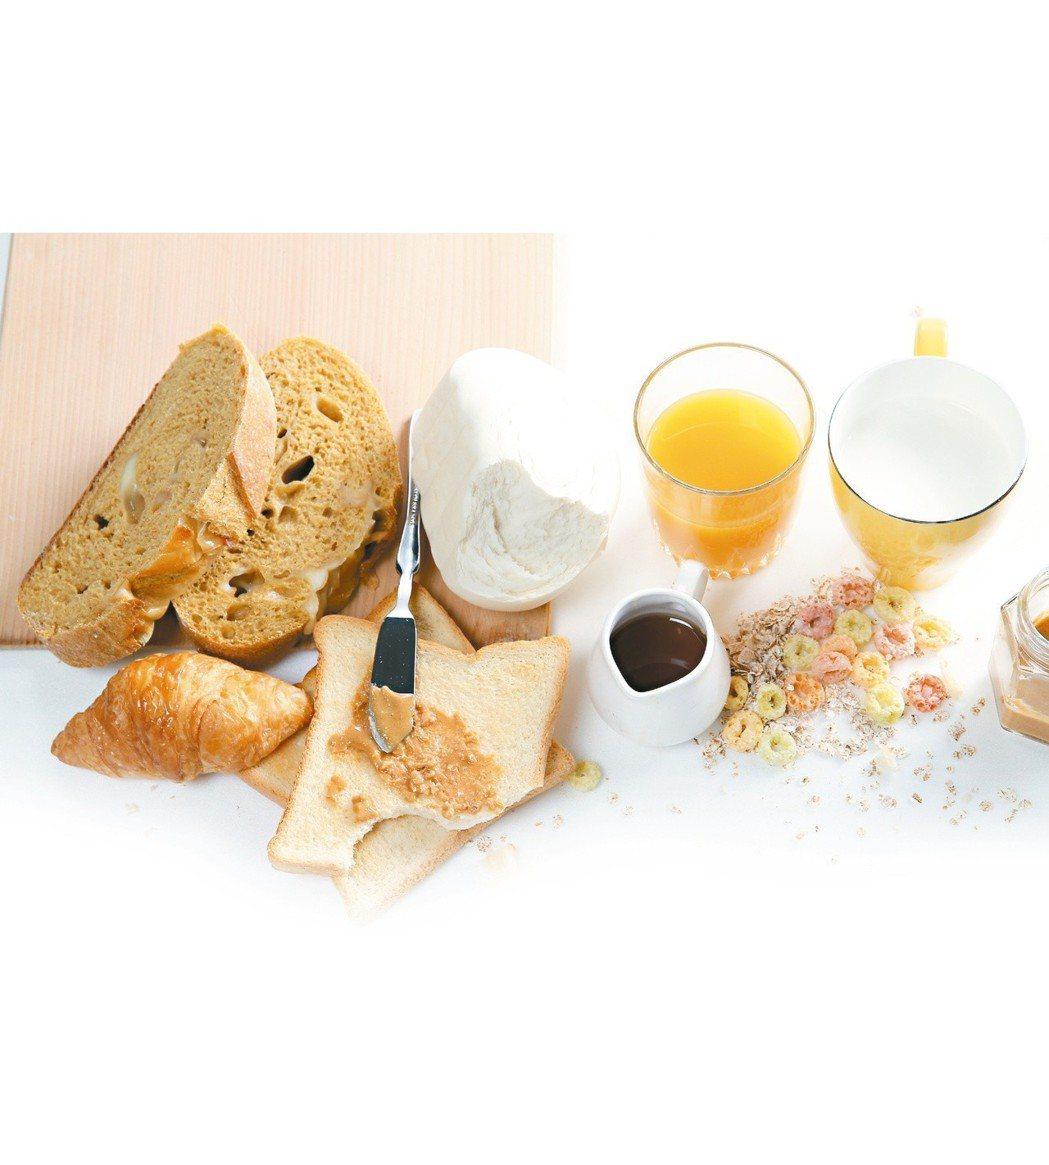 營養師表示,生酮飲食是一種激烈的減肥手段。 圖/聯合報系資料照